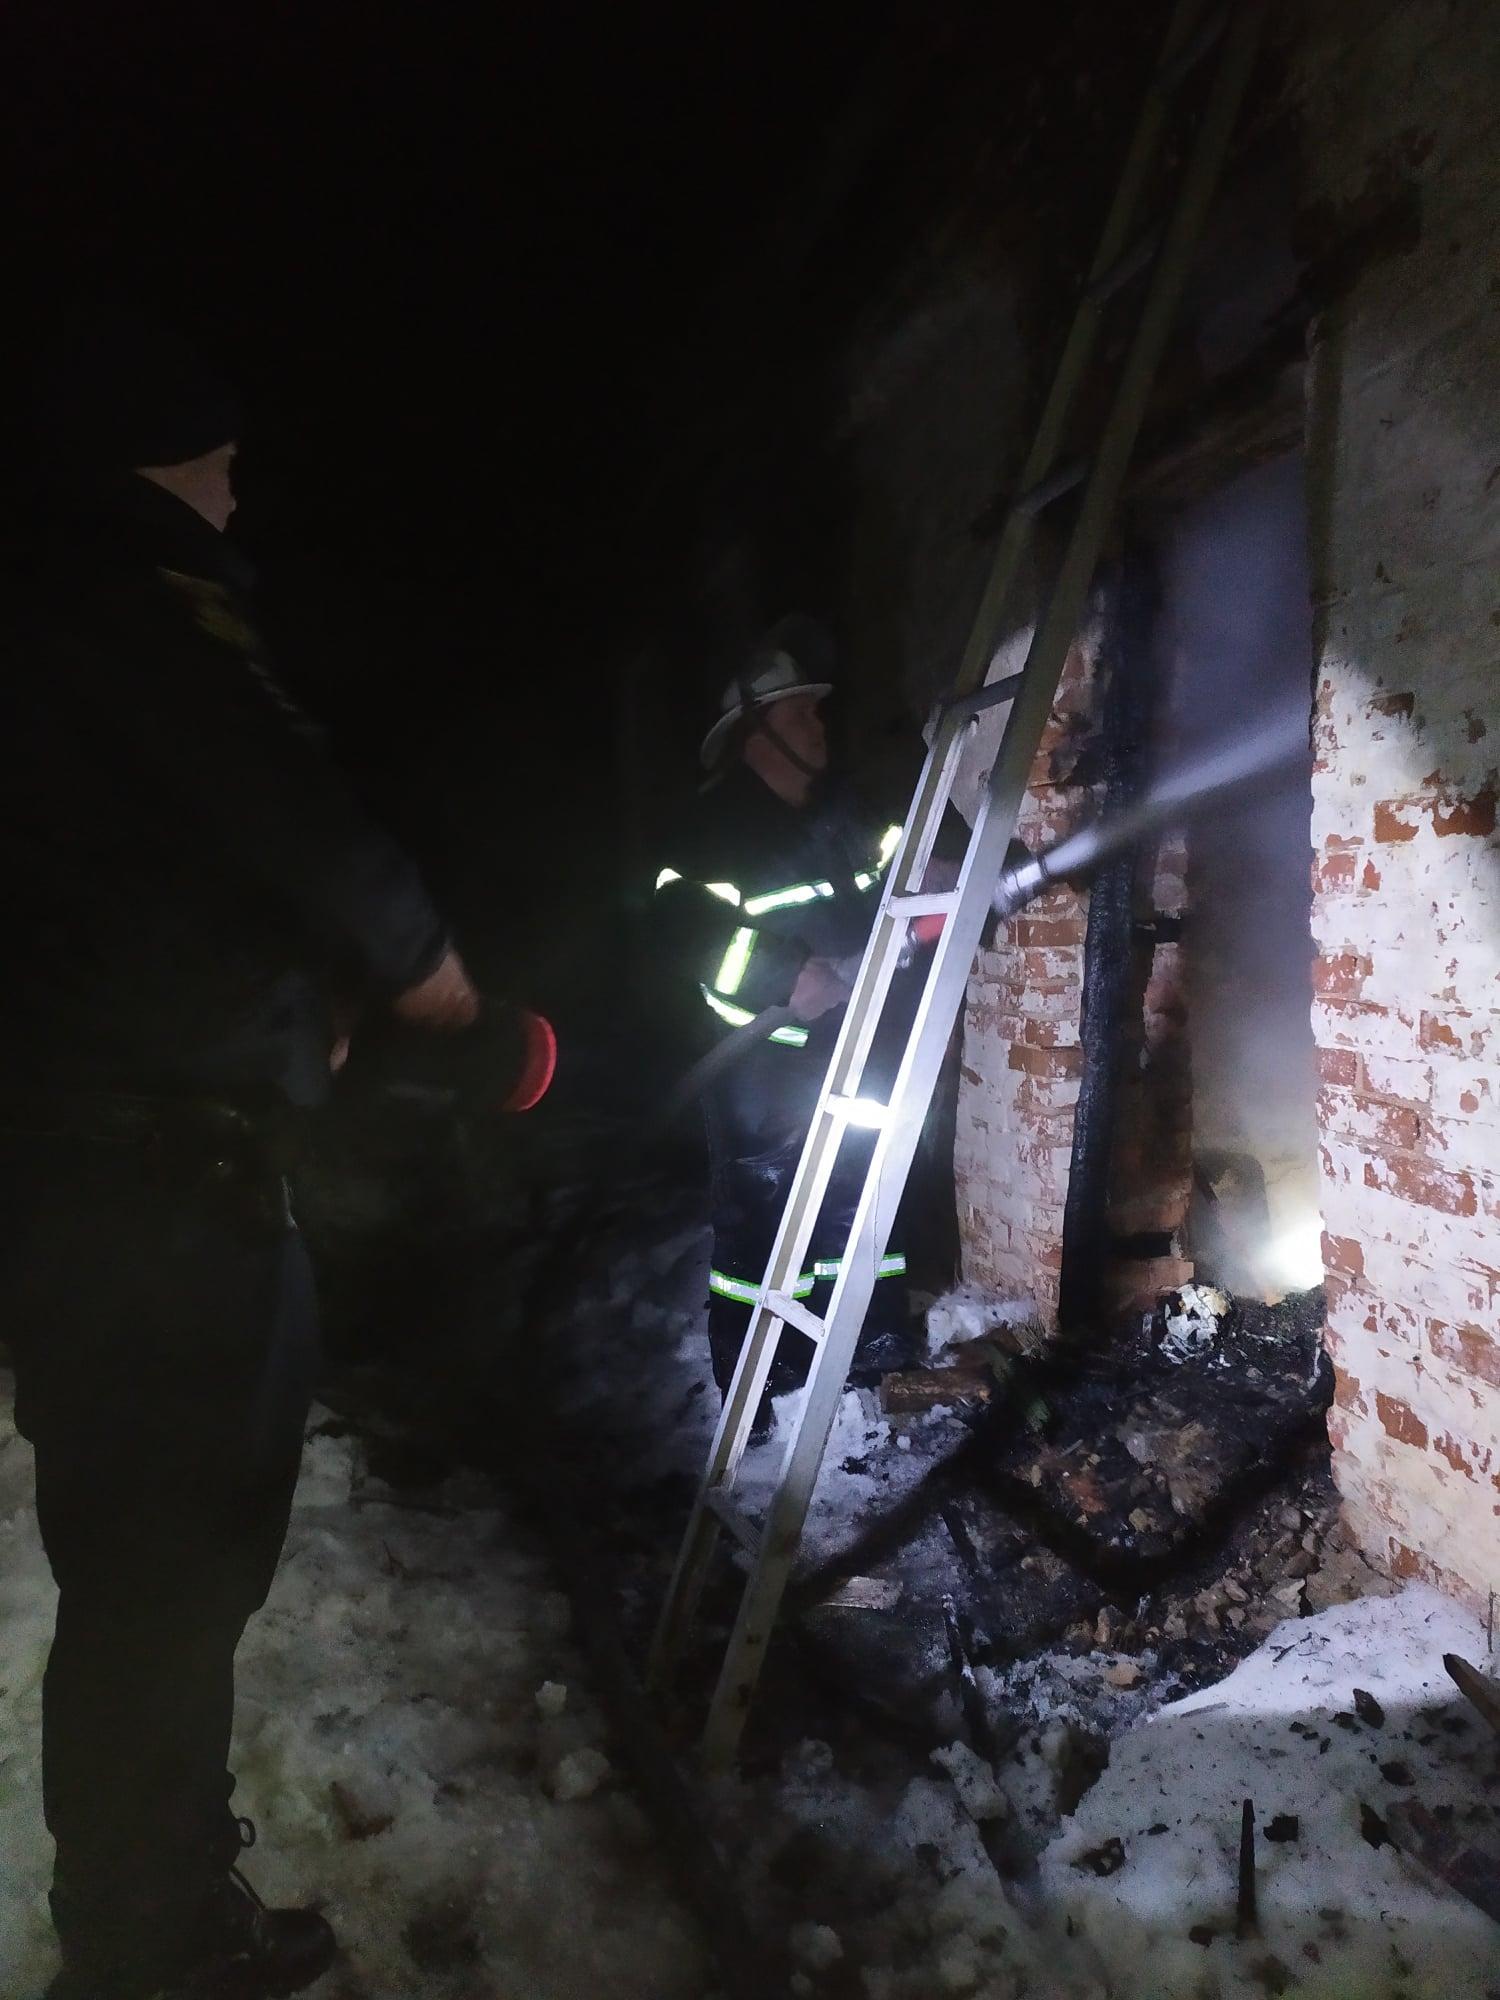 На Тетіївщині в пожежі загинула людина - тіло, Тетіїв, вогонь - 148977249 859170434662024 4361951130263979847 o